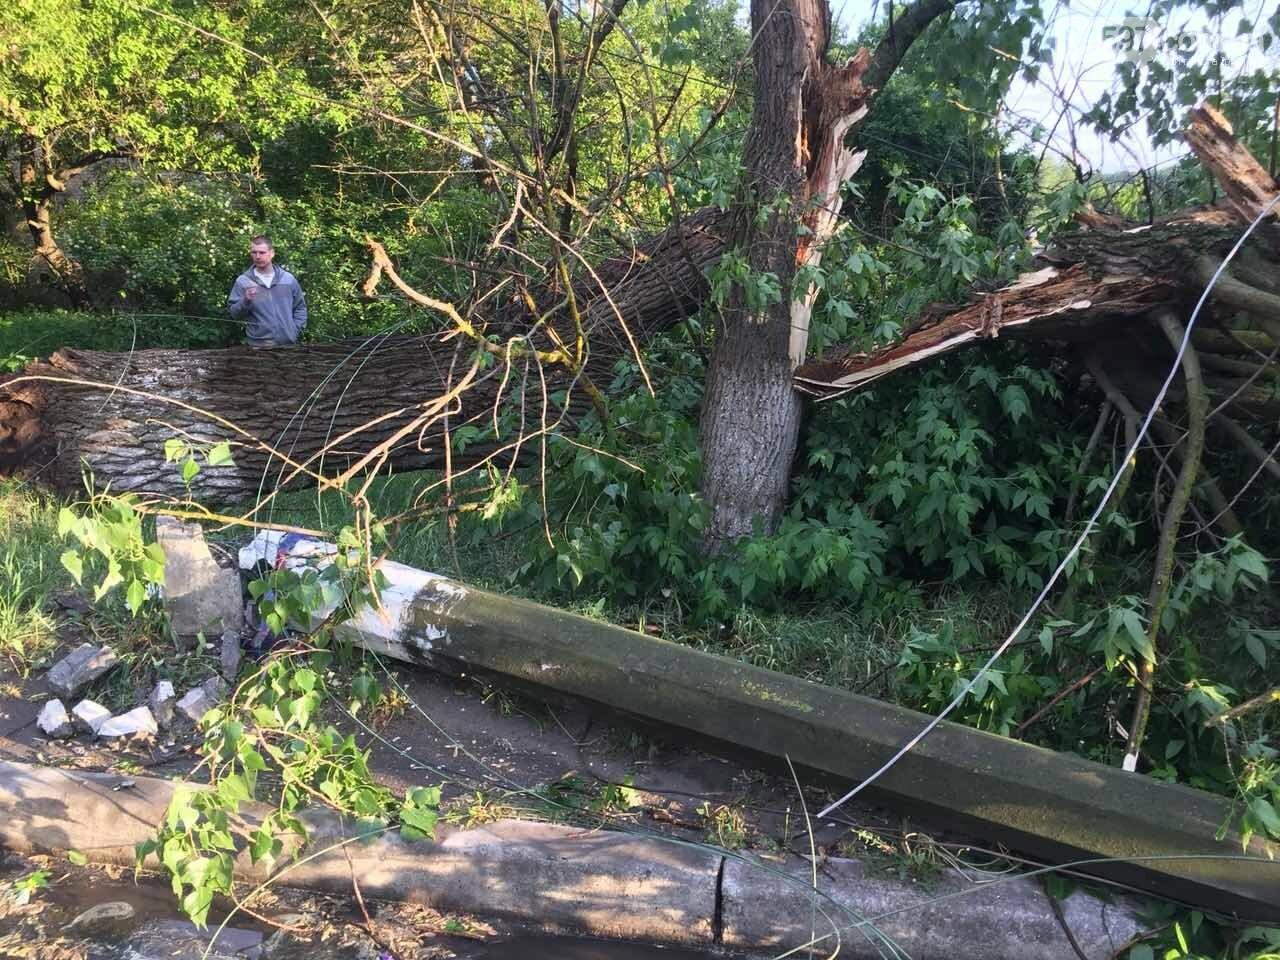 Повалені дерева, обірвані електродроти: як пройшли вихідні в регіоні, фото-2